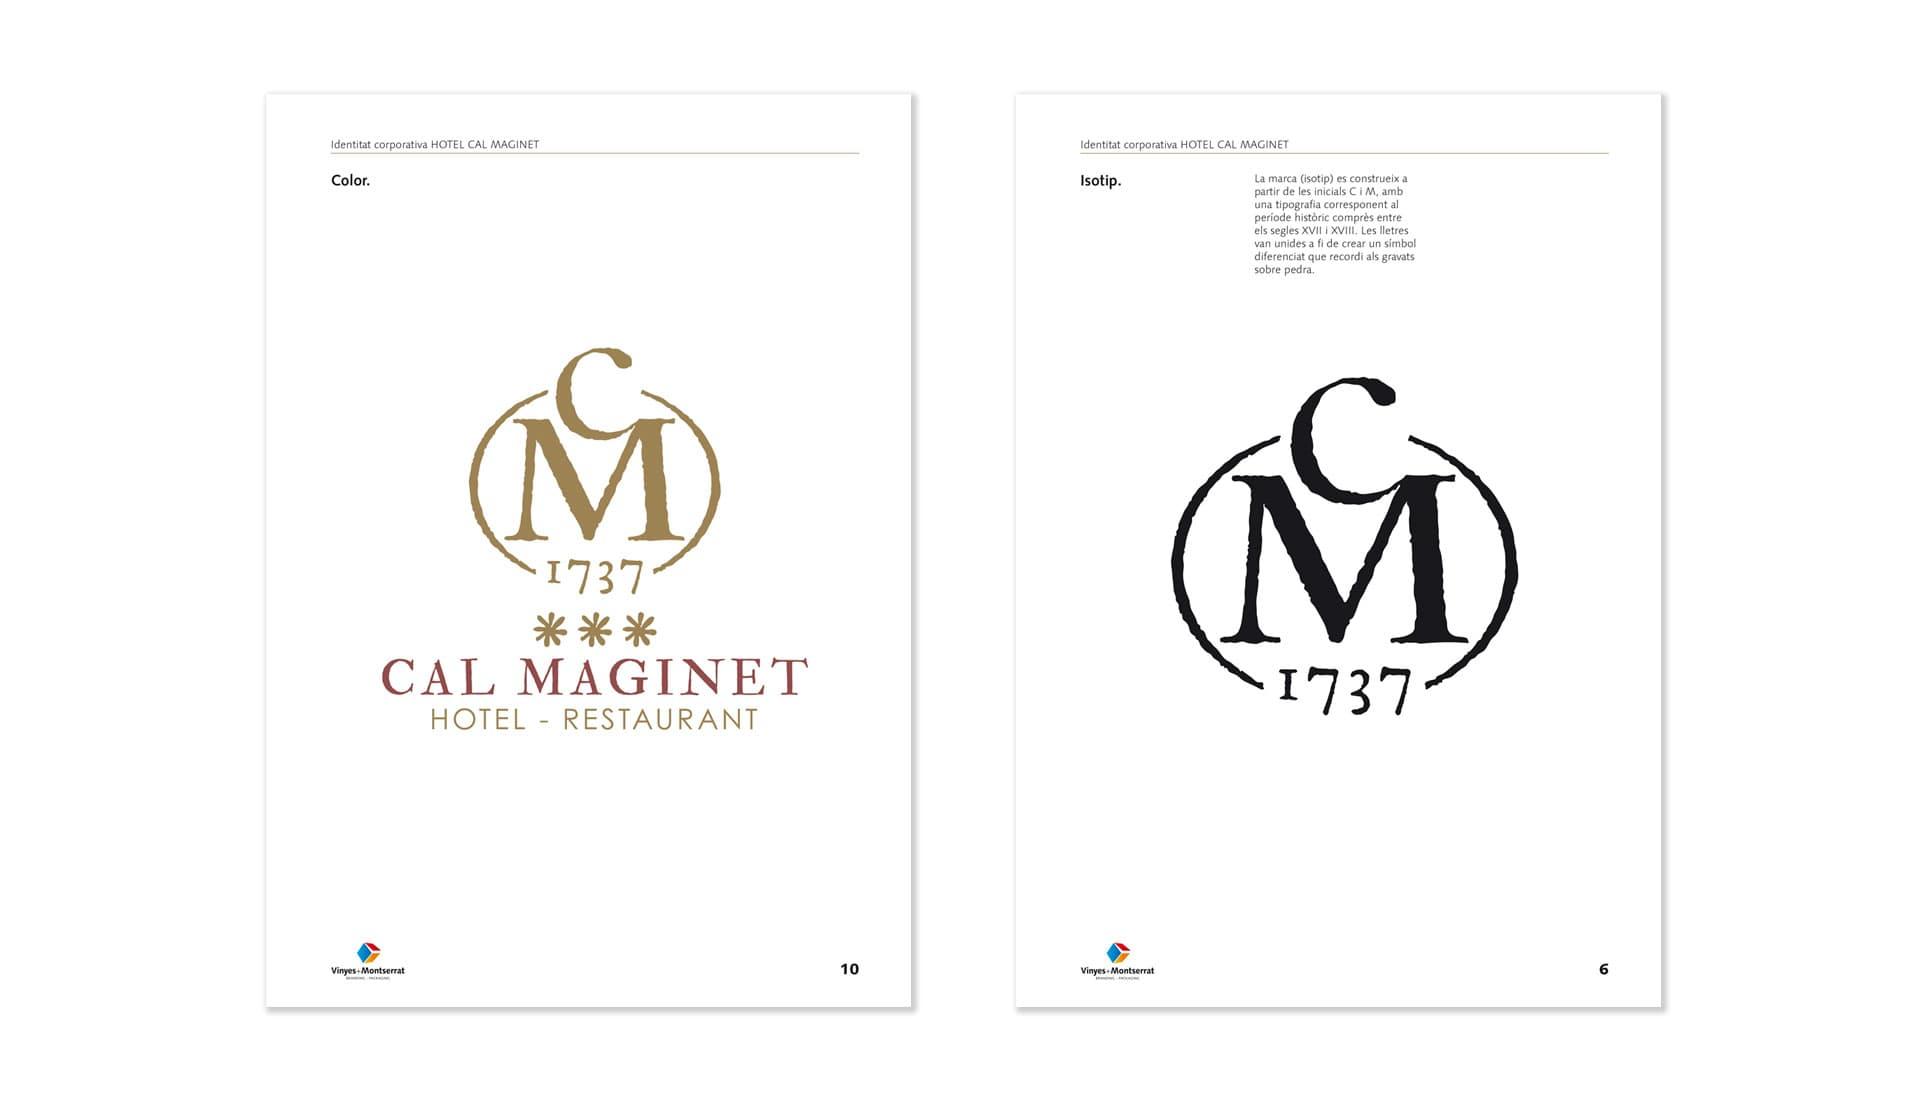 Imatge de marca Cal Maginet